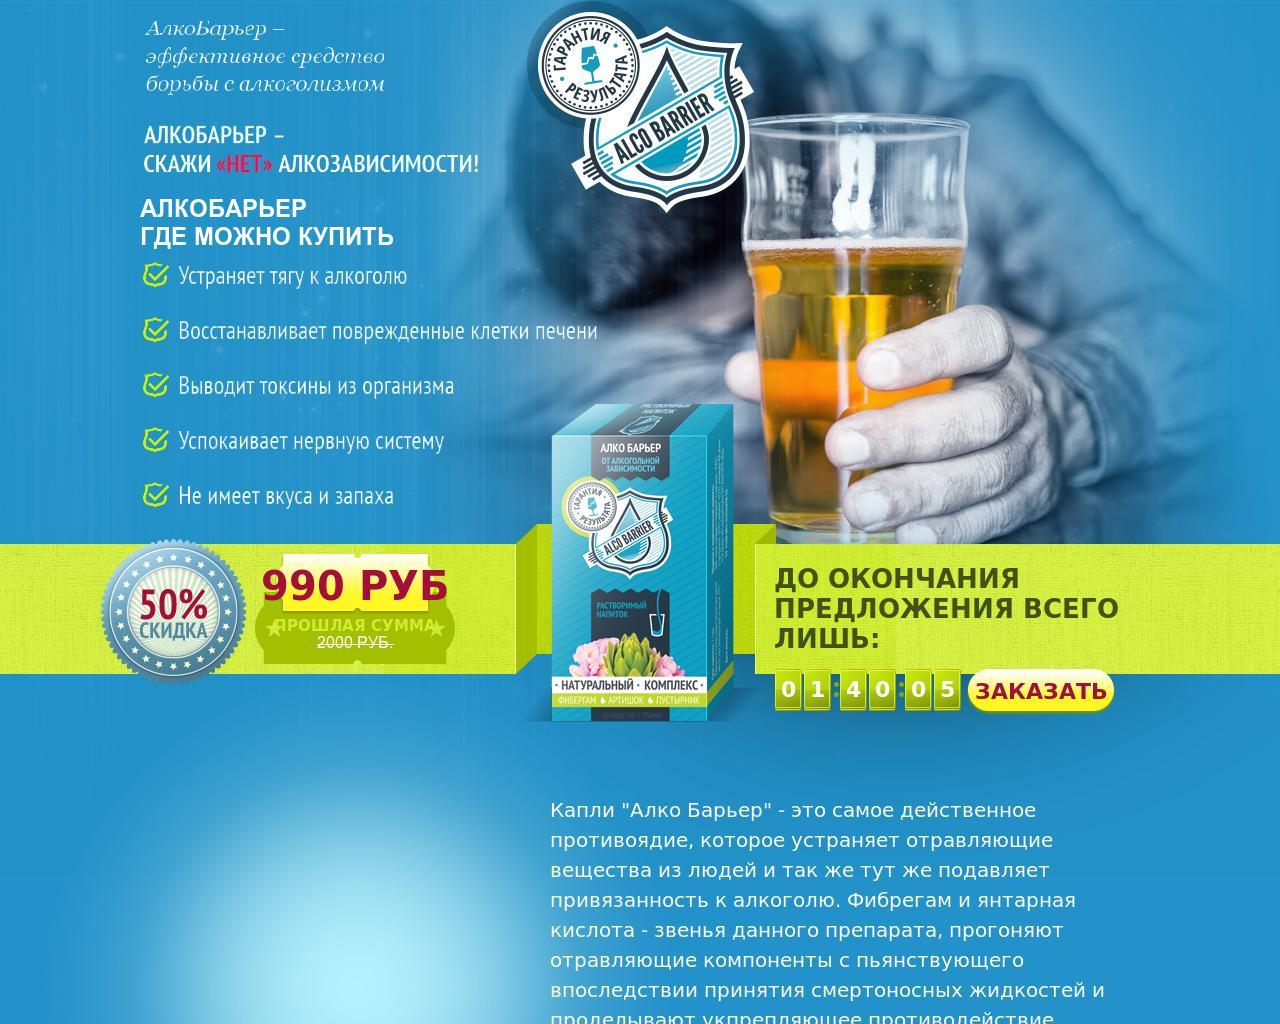 Эффективное лечение от алкоголизма в Москвее экстра блокатор от алкоголизма где купить цена